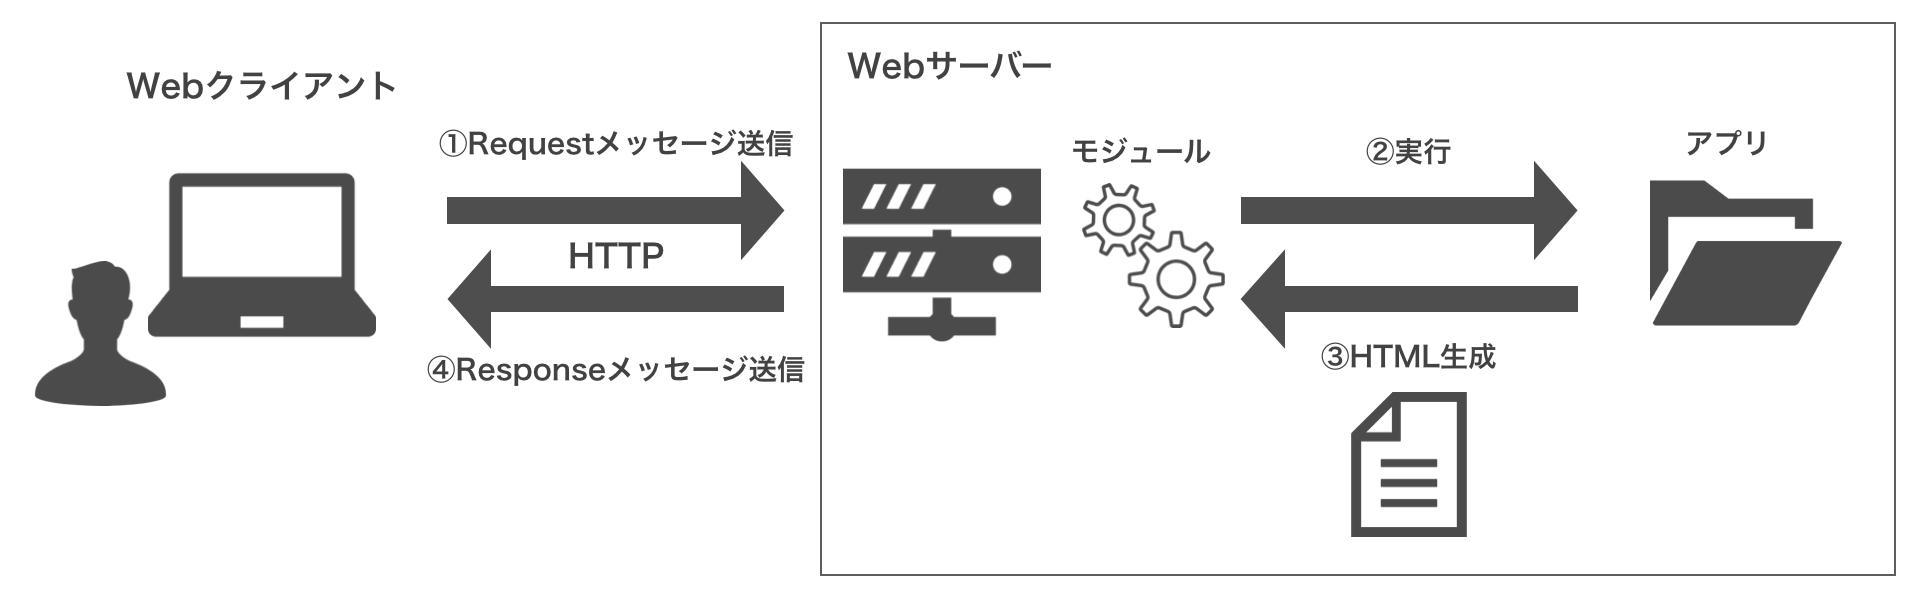 スクリーンショット_流れ_php.png